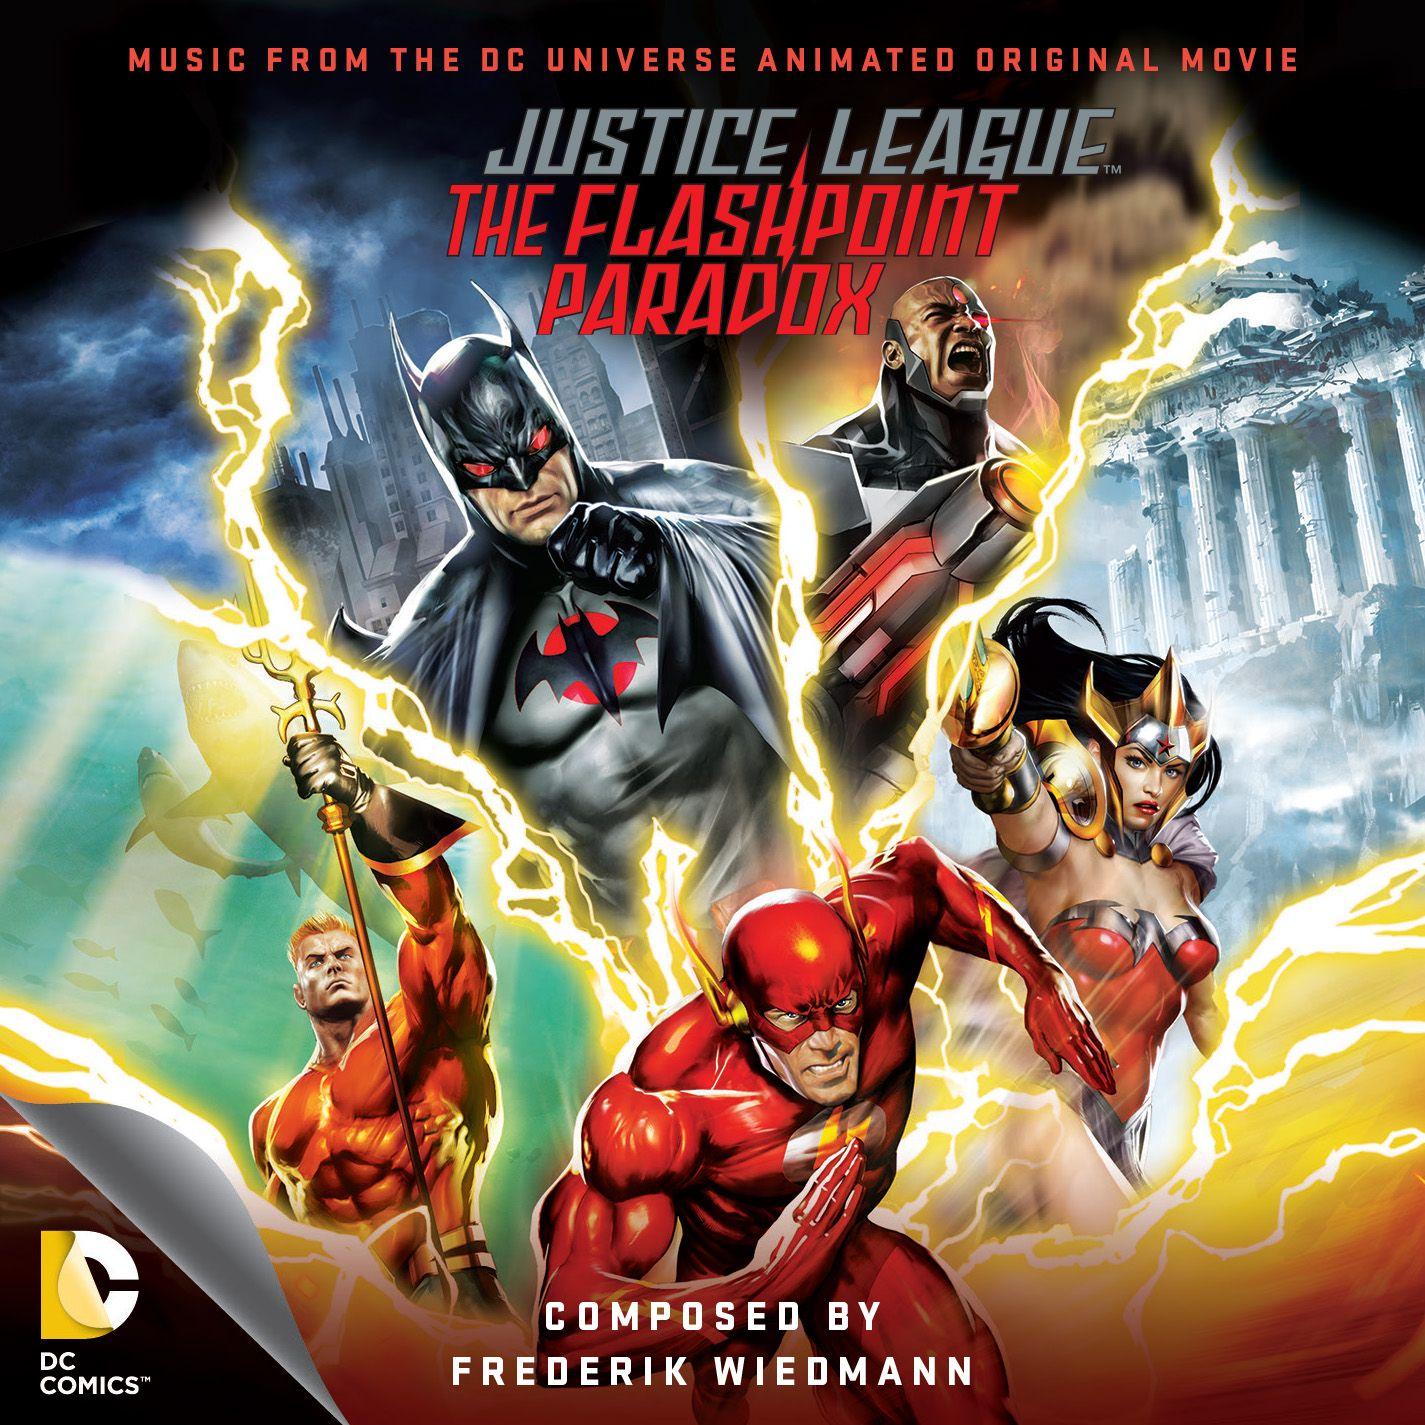 Justice League The Flashpoint Paradox Soundtrack Cover Original Score By Frederick Wiedmann Buy Http Lala Ponto De Ignicao Filmes De Animacao Paradoxo